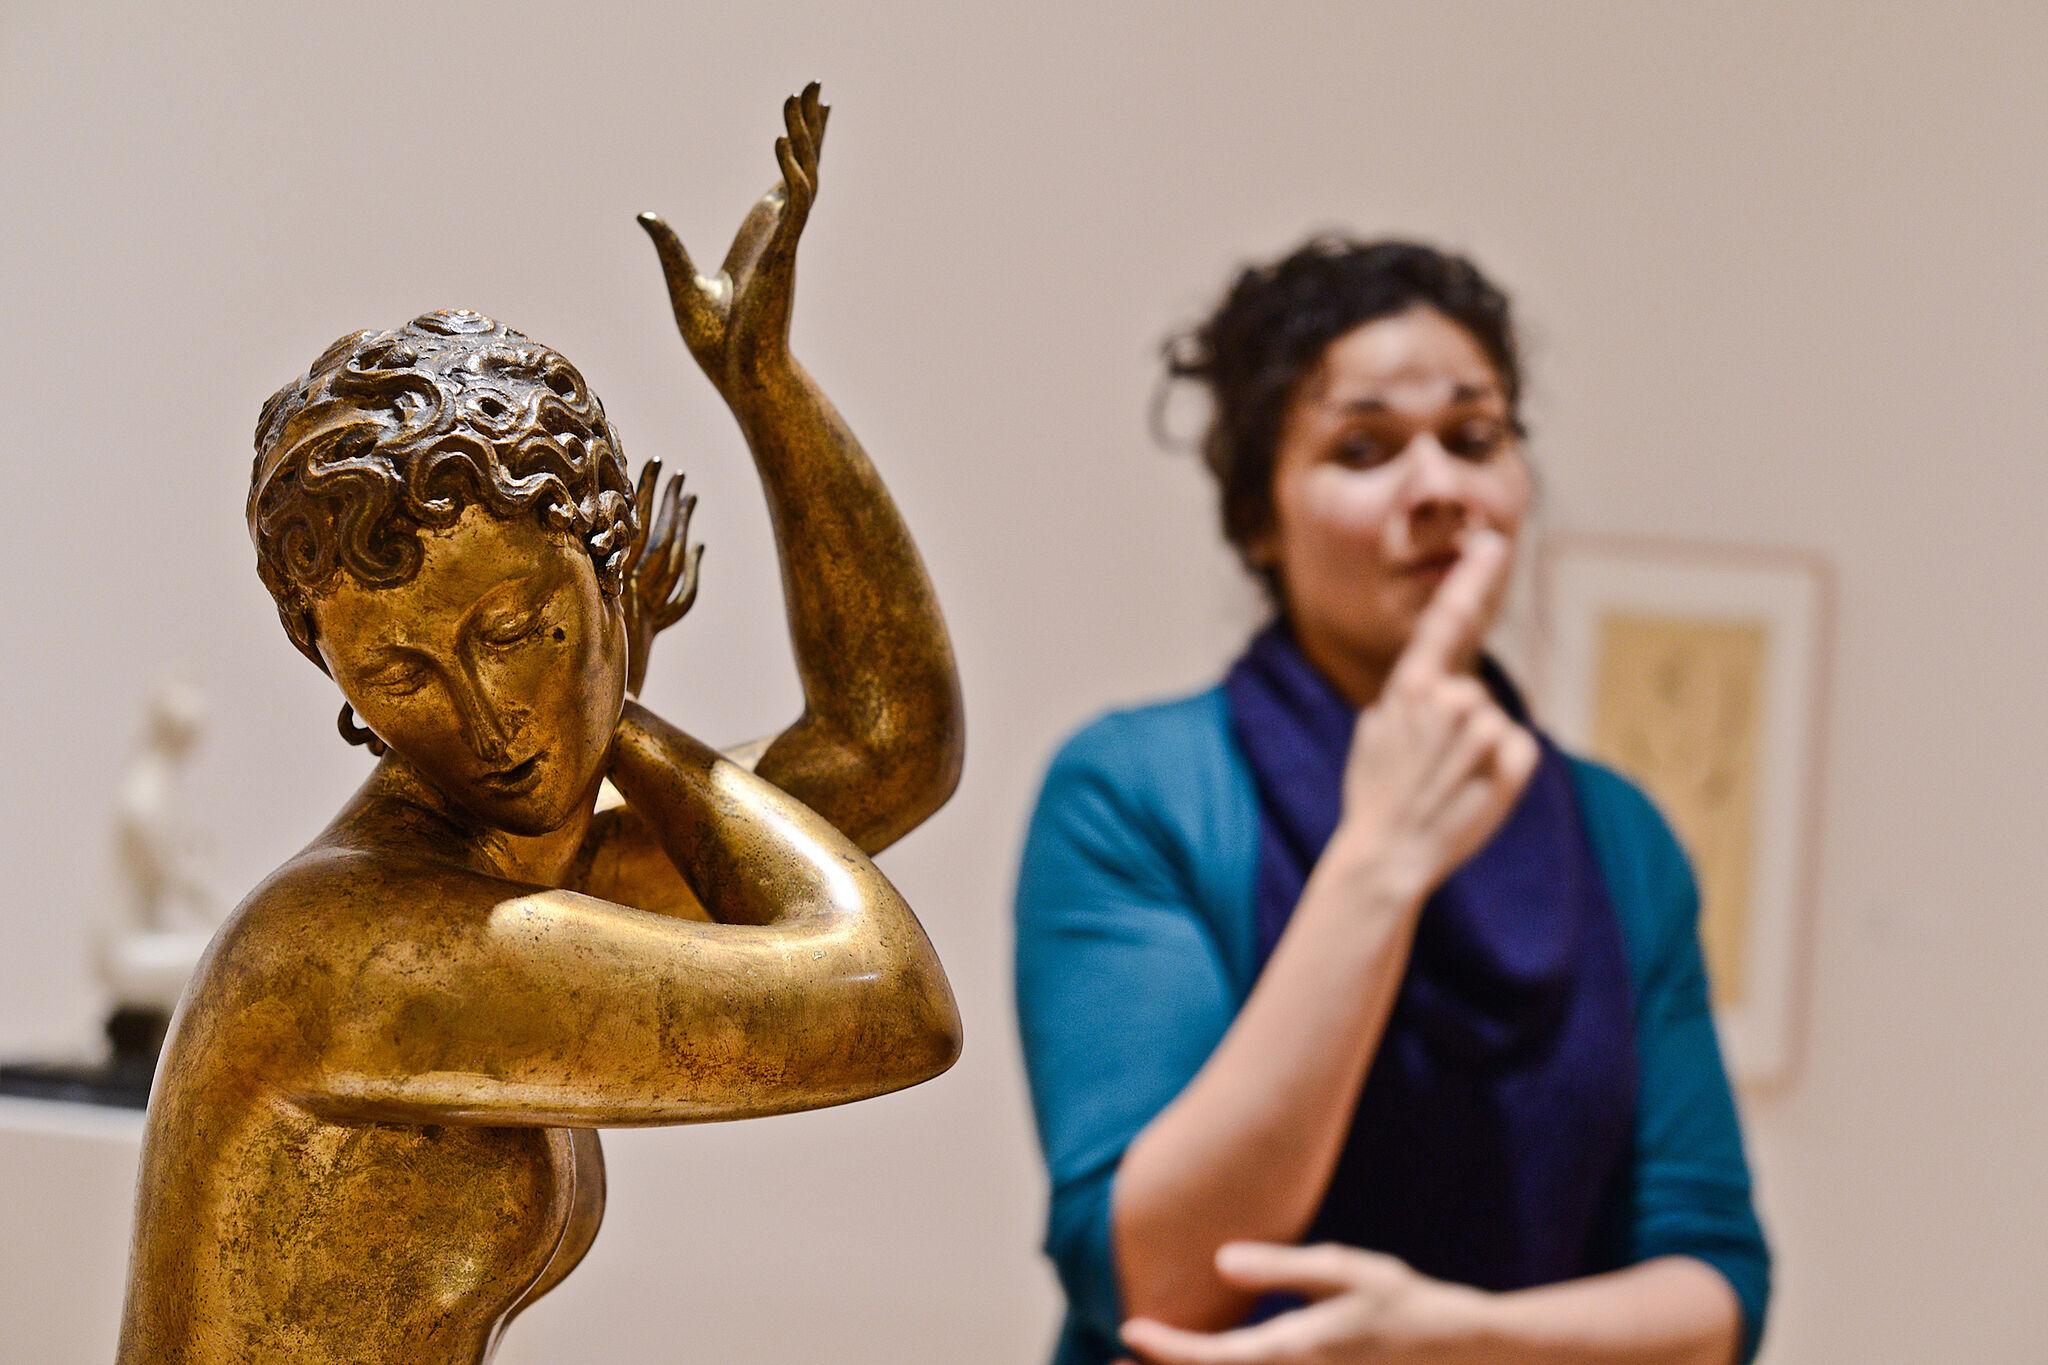 A woman standing next to a sculpture.